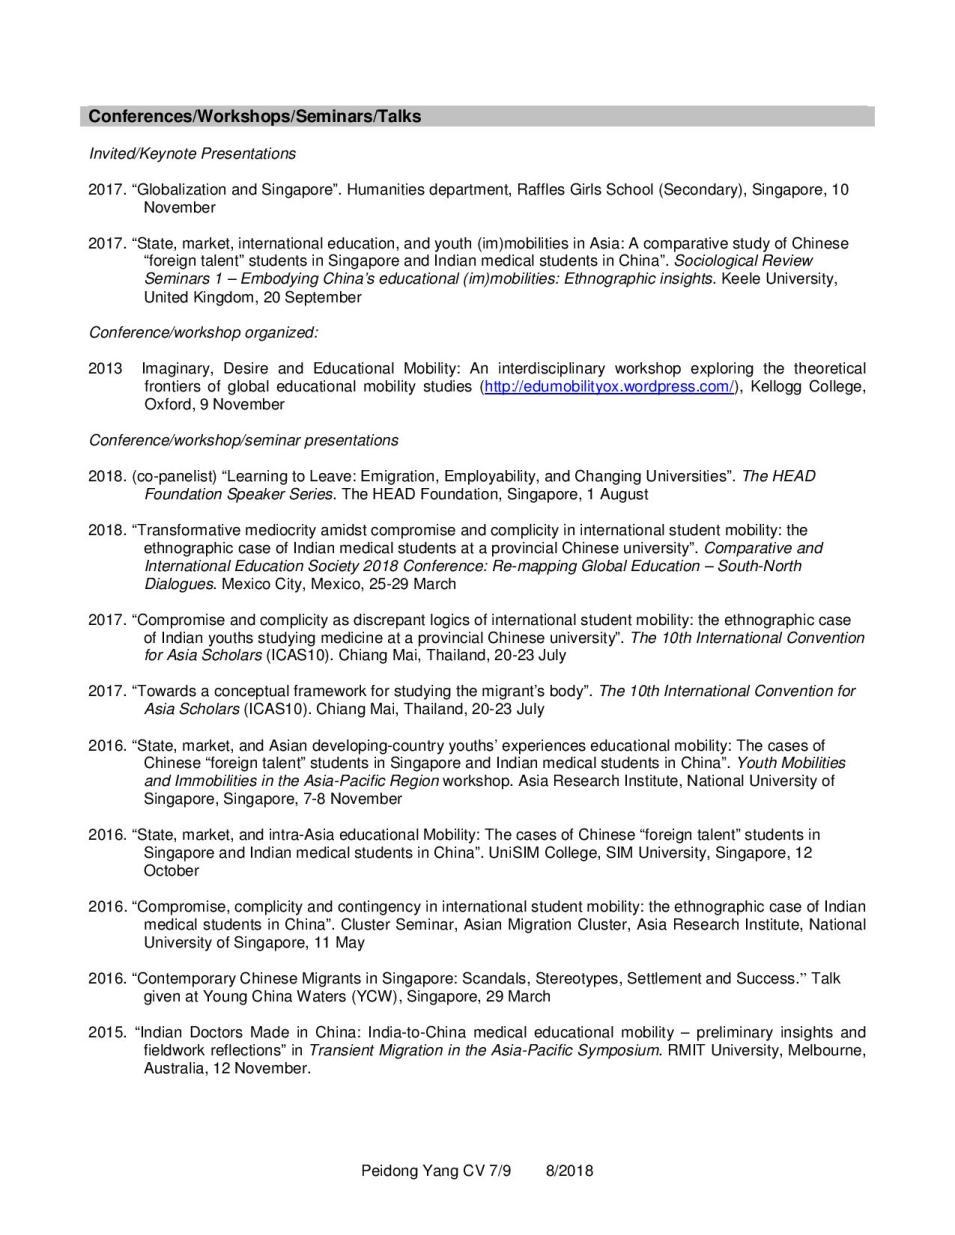 CV YANG Peidong_8.2018-page-007